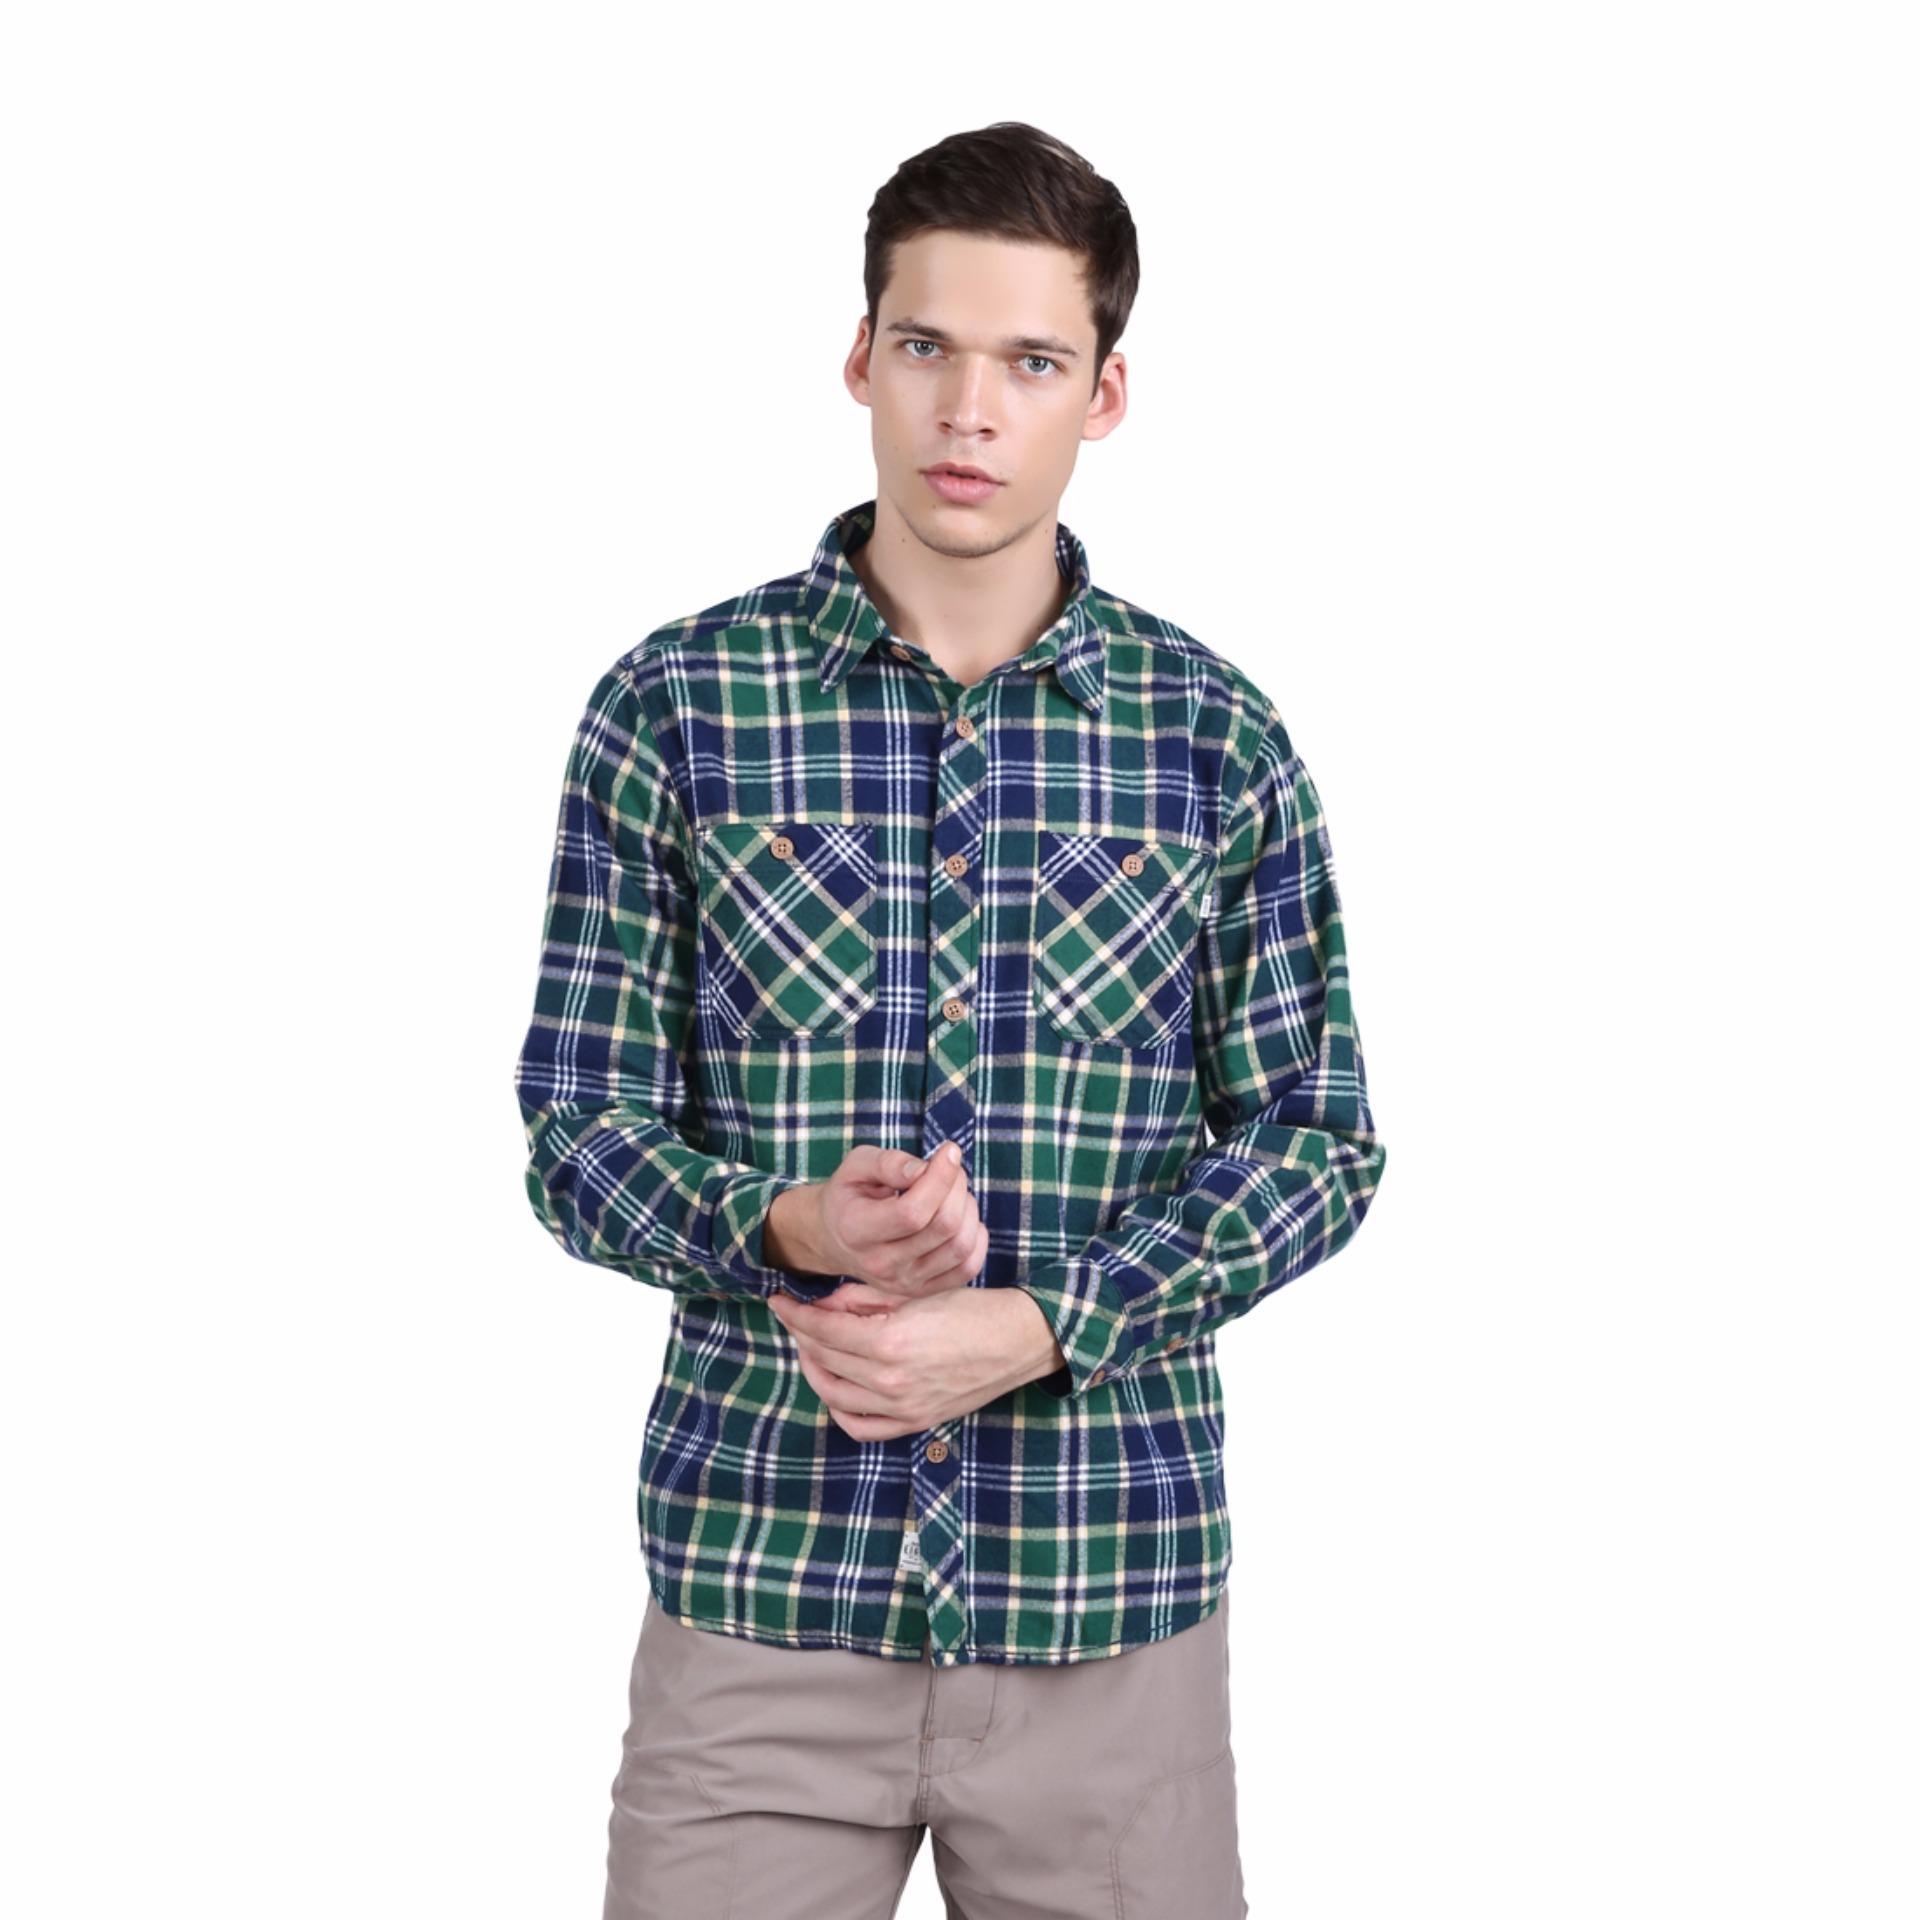 Harga Eiger 1989 Forest T Shirt Navy Kaos Lengan Pendek Pria Xl Black Borneo Original Sangat Terbatas List Kemeja Merk November 2018 Terlengkap